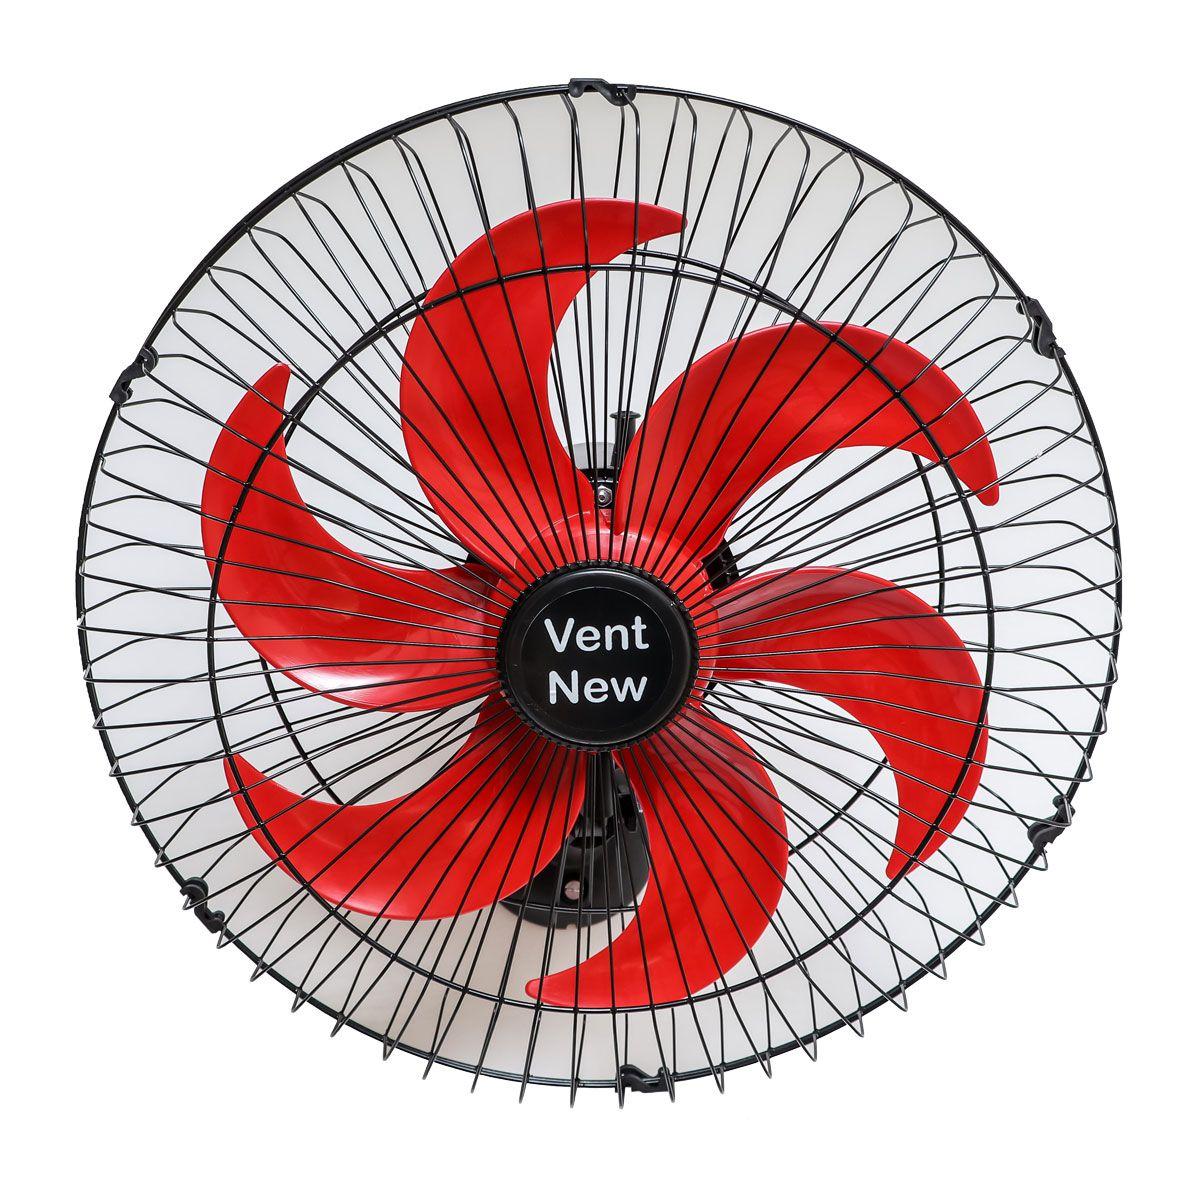 Kit 2 Ventiladores Parede Oscilante 50 Cm Preto / Vermelho Bivolt Grade Aço